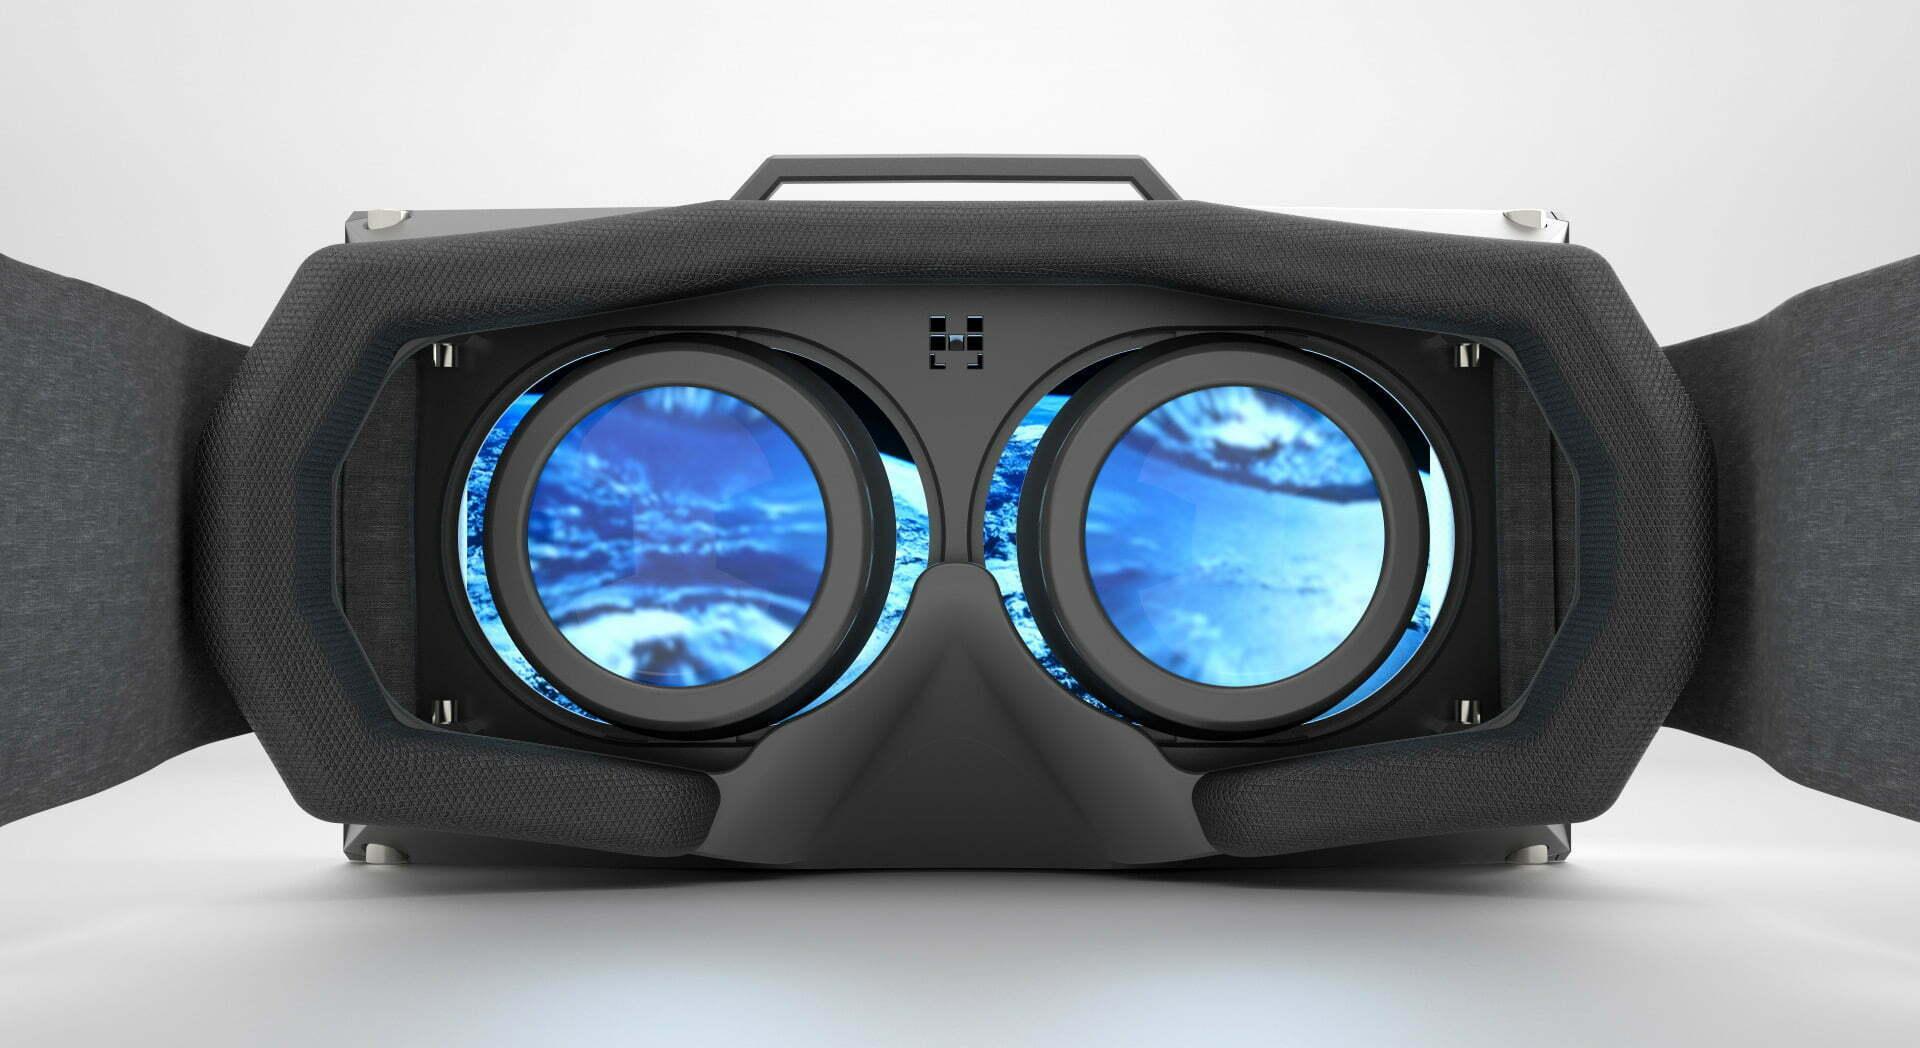 واقعیت مجازی در صنعت خودرو چیست؟